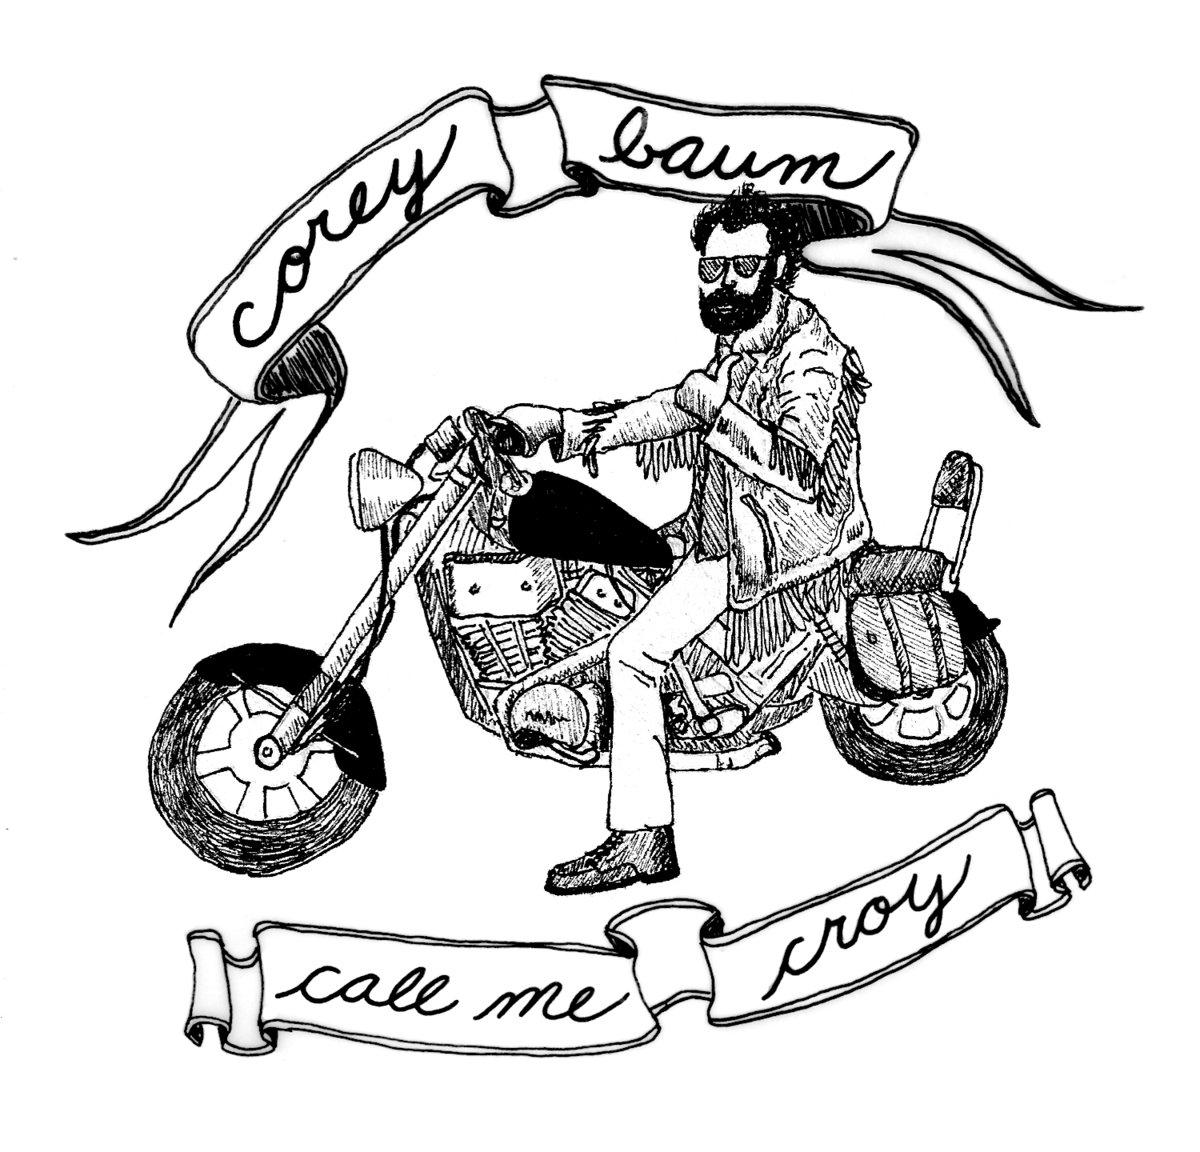 Call Me Croy.